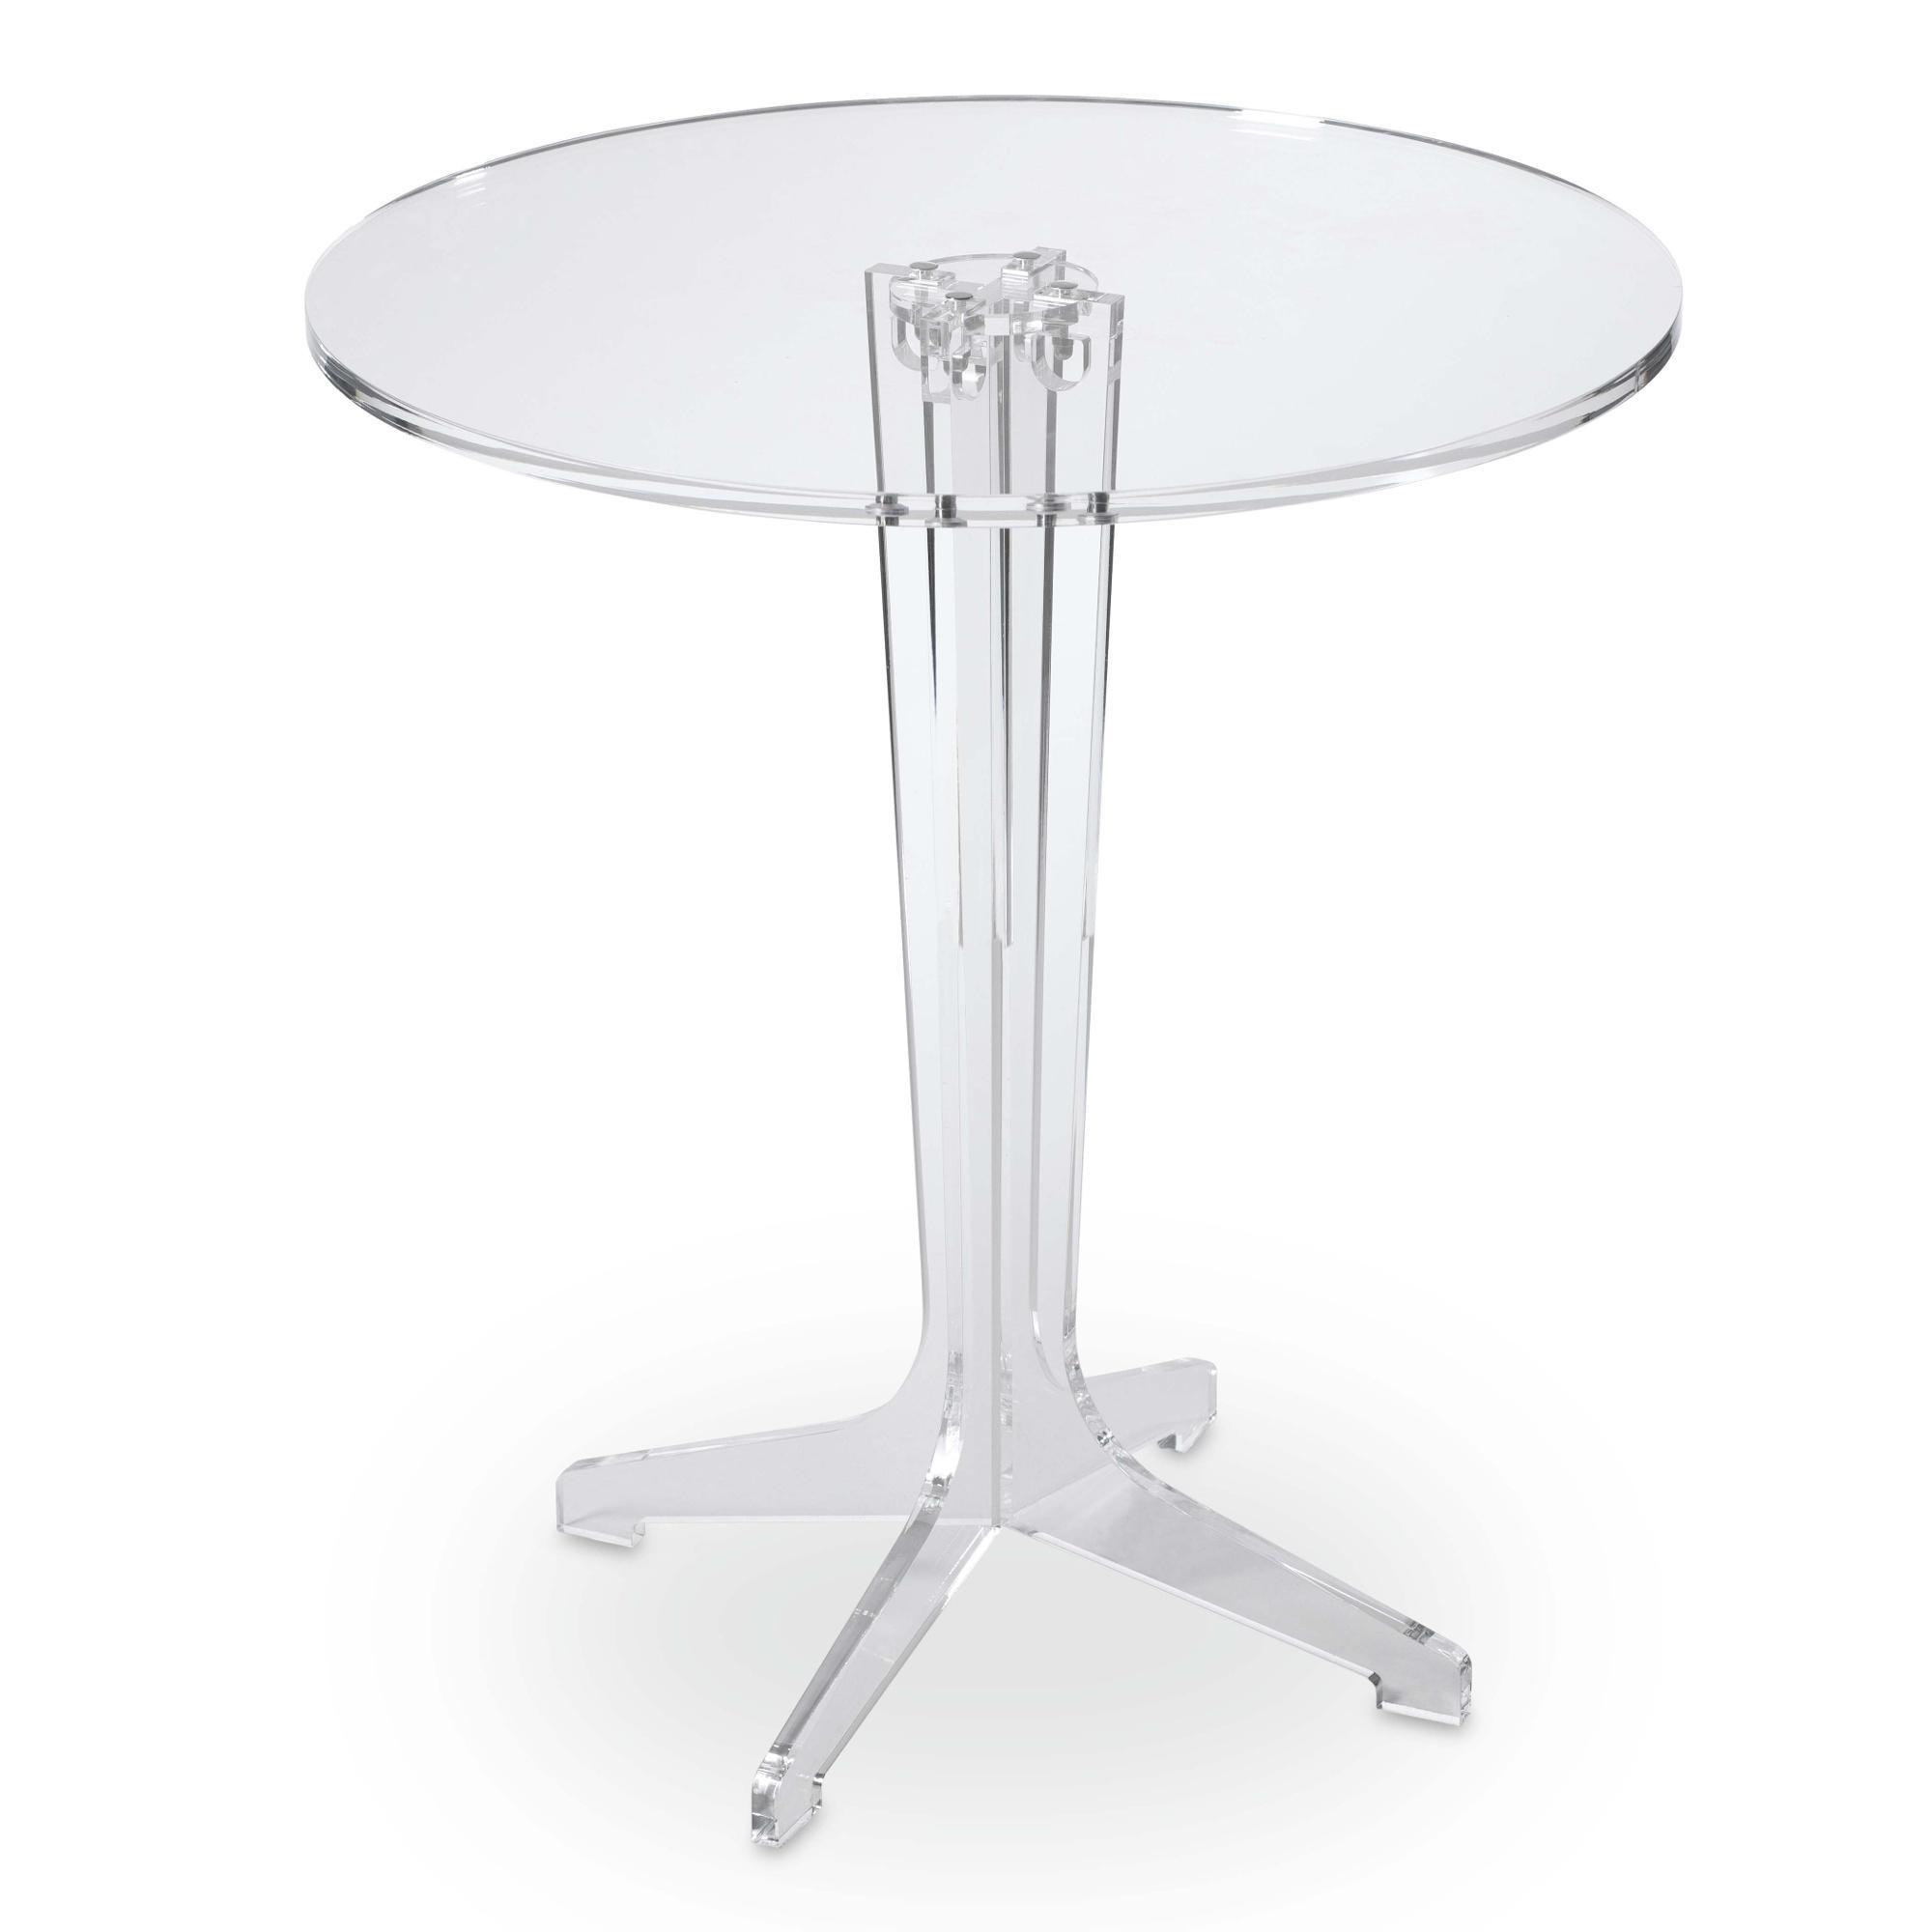 tavolini plexiglass : Tavolini Da Salotto Rotondi Alto E Basso Con Struttura Shabby Grey ...